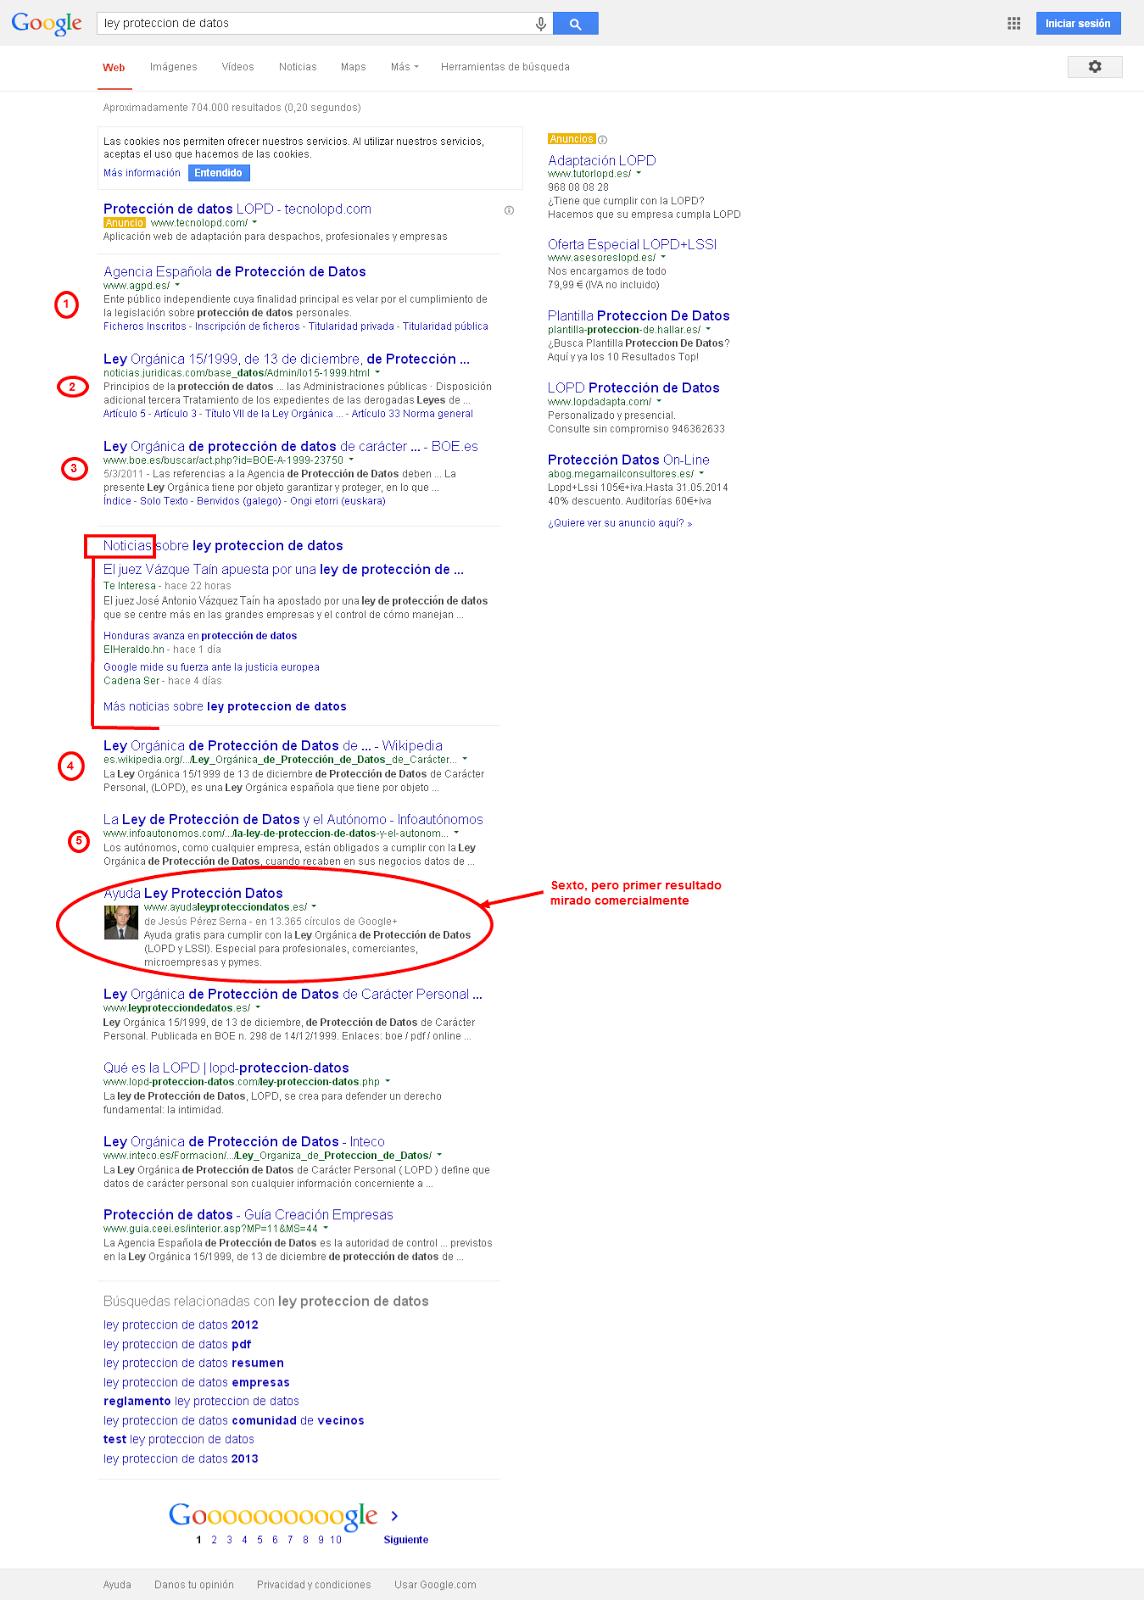 """búsqueda """"ley protección de datos"""""""